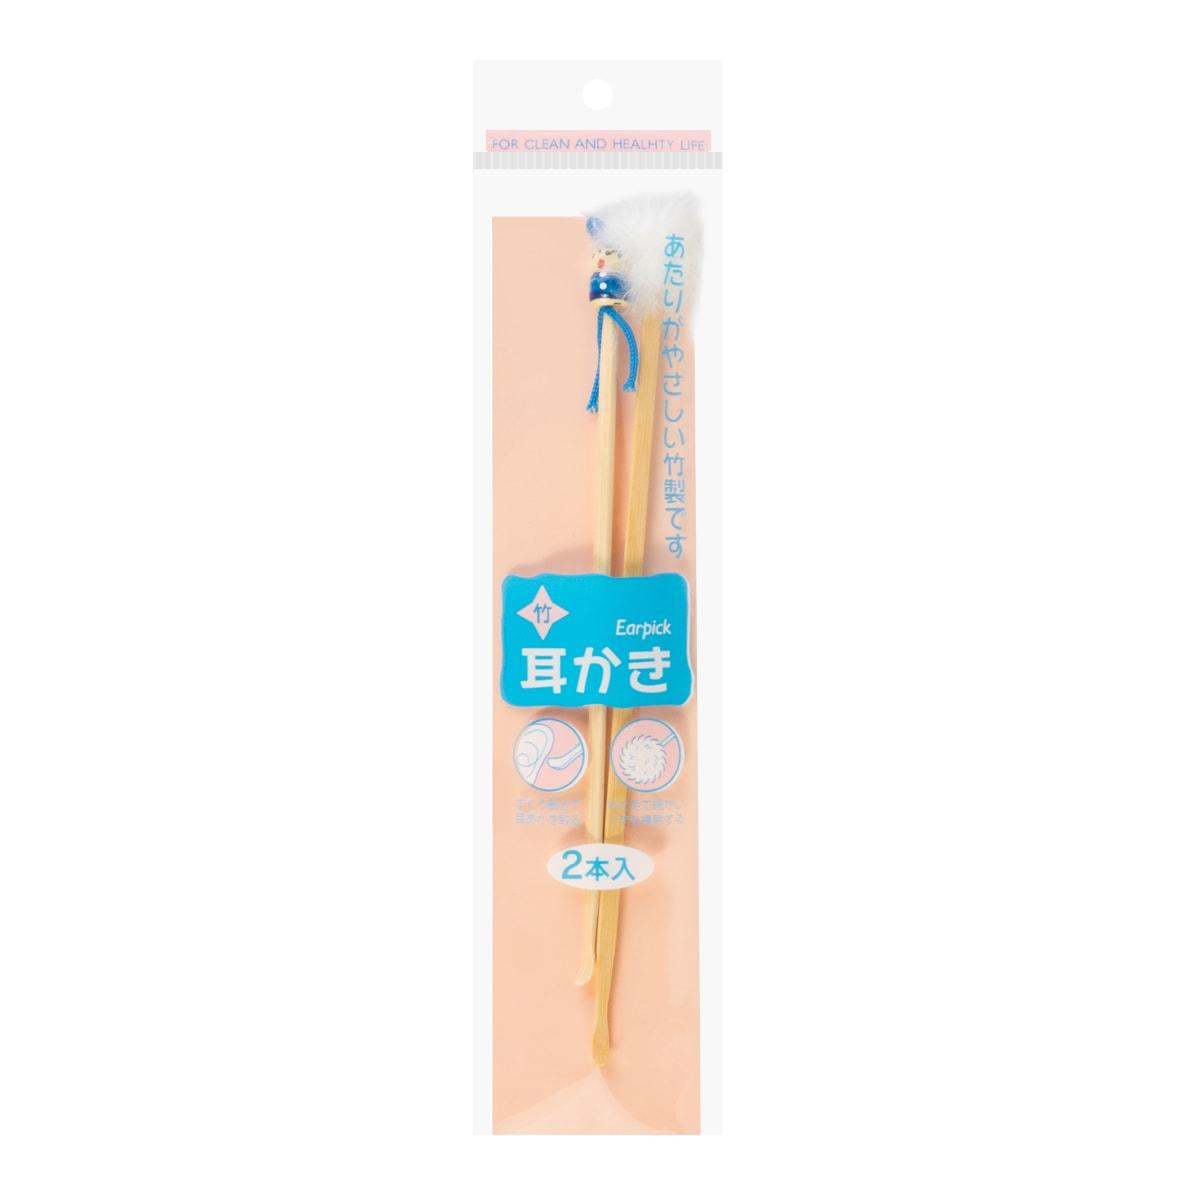 可爱造型竹子清洁挖耳勺 2件入